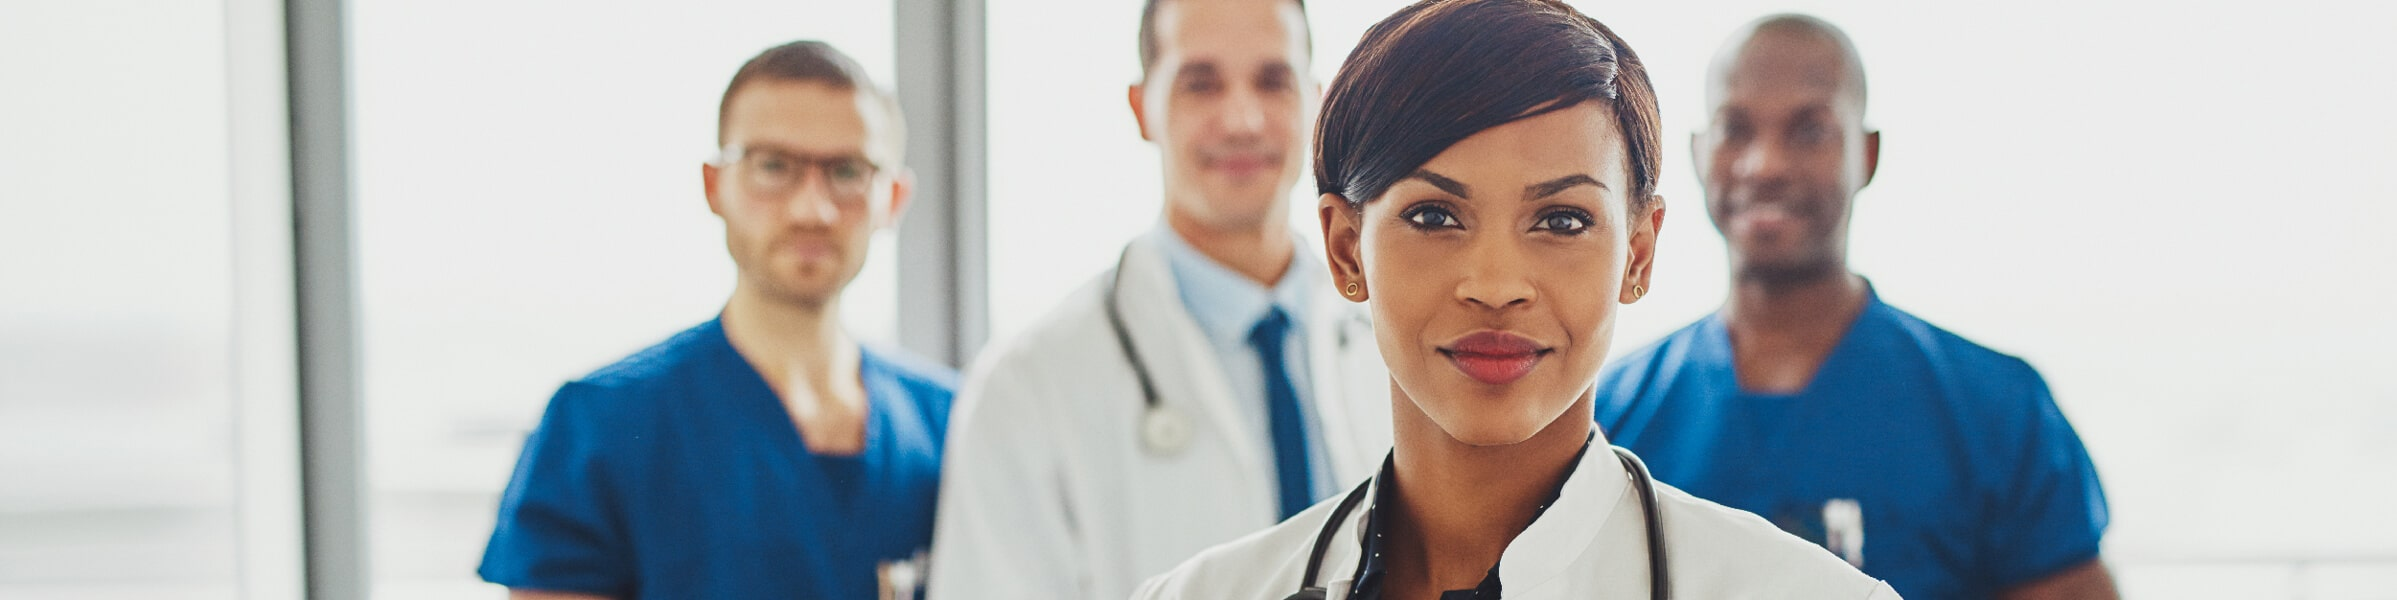 Taller Liderazgo en Servicios de Salud